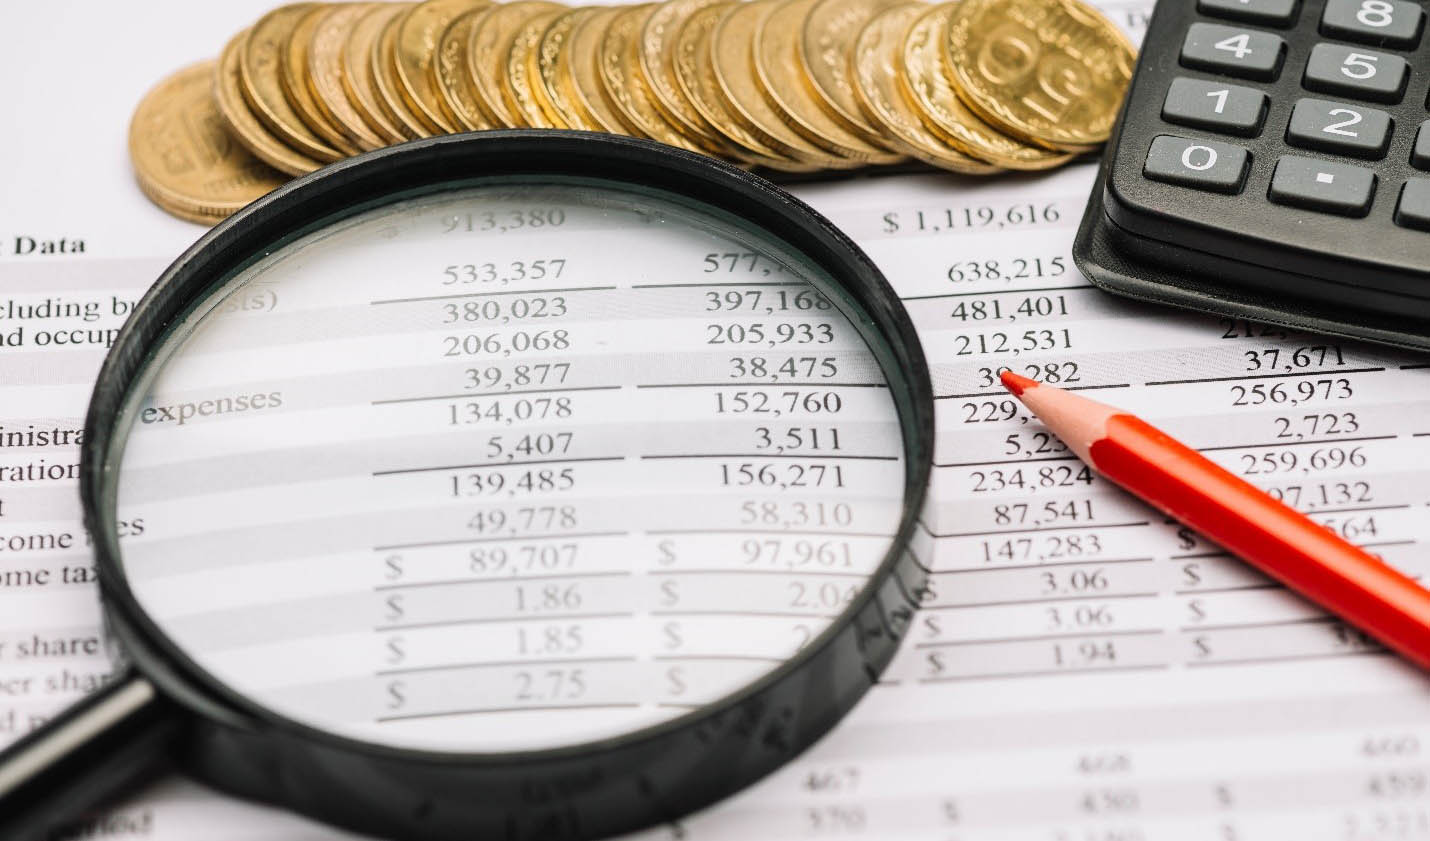 مالیات کارکنان بخش خصوصی و مشاغل سال 99 چقدر شد+ جدول